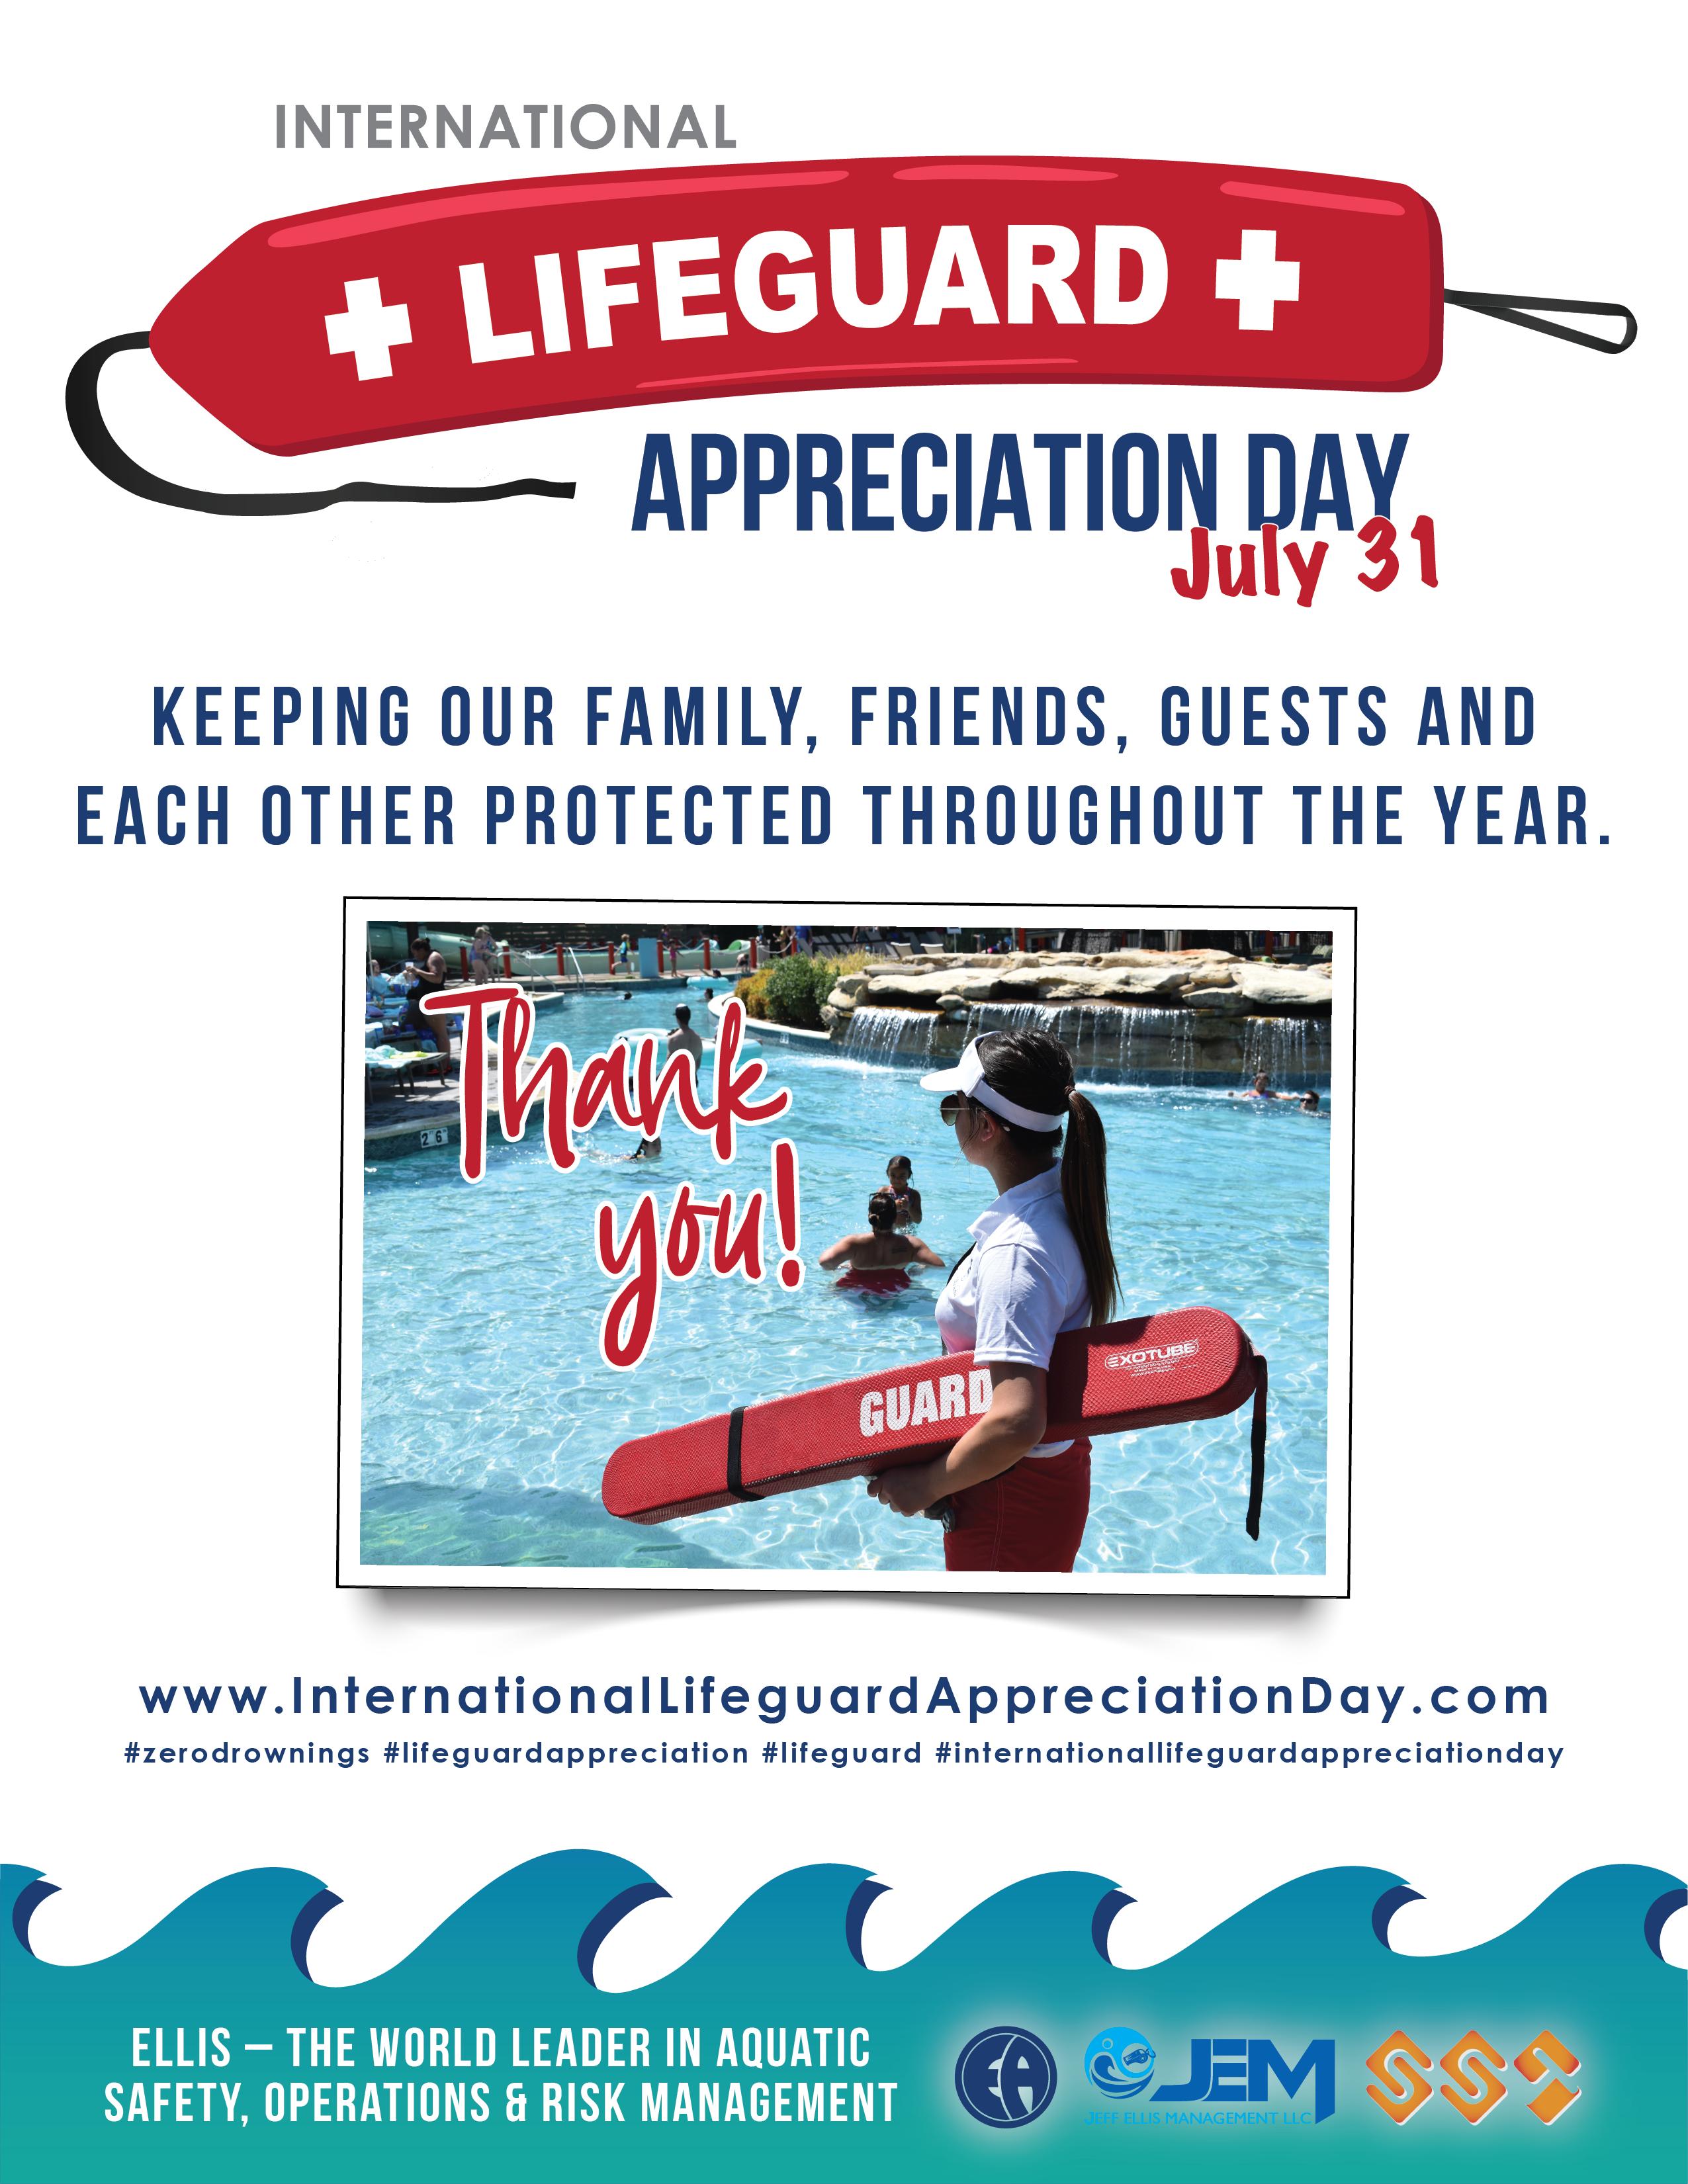 Lifeguard appreciation day